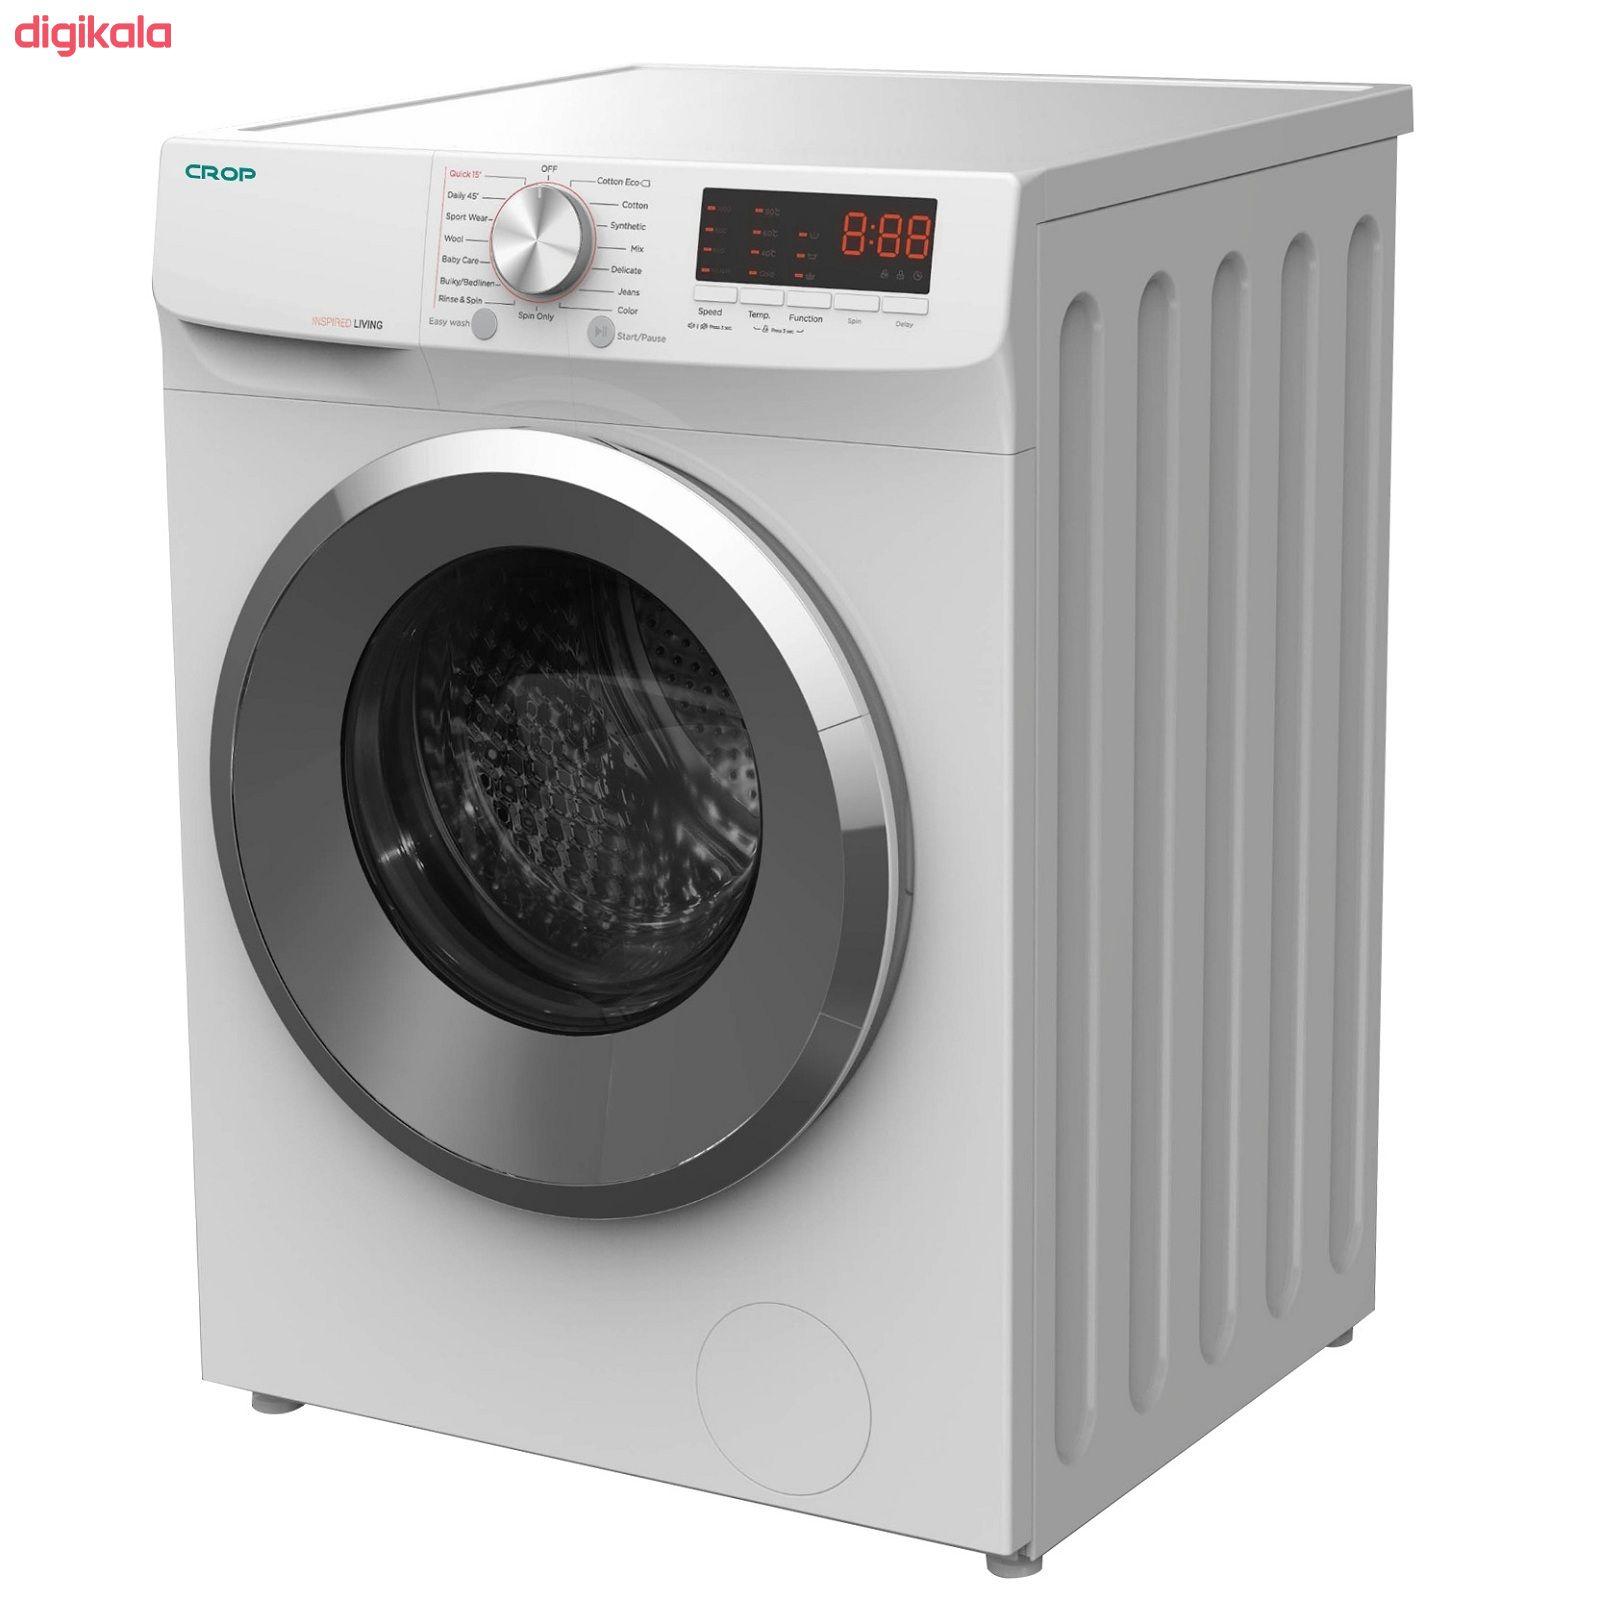 ماشین لباسشویی کروپ مدل WFT-26130 ظرفیت 6 کیلوگرم main 1 2